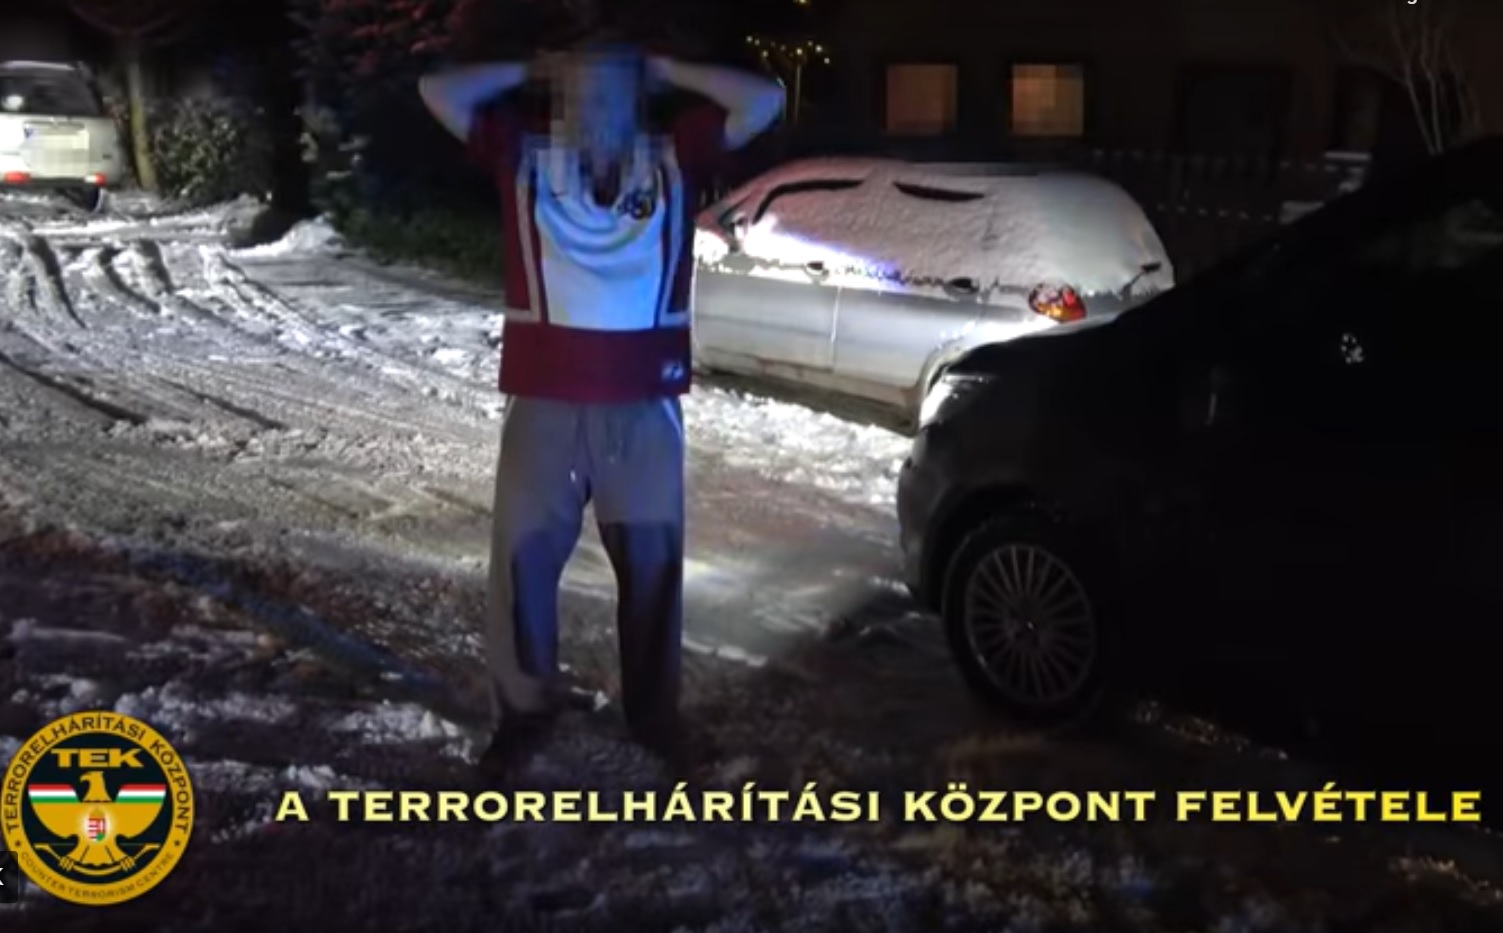 Mint egy akciófilmben: pizzafutárnak álcázta magát a belvárosi óraszaküzlet kirablója, aztán fegyverrel lövöldözött a menekülő tulajdonosra